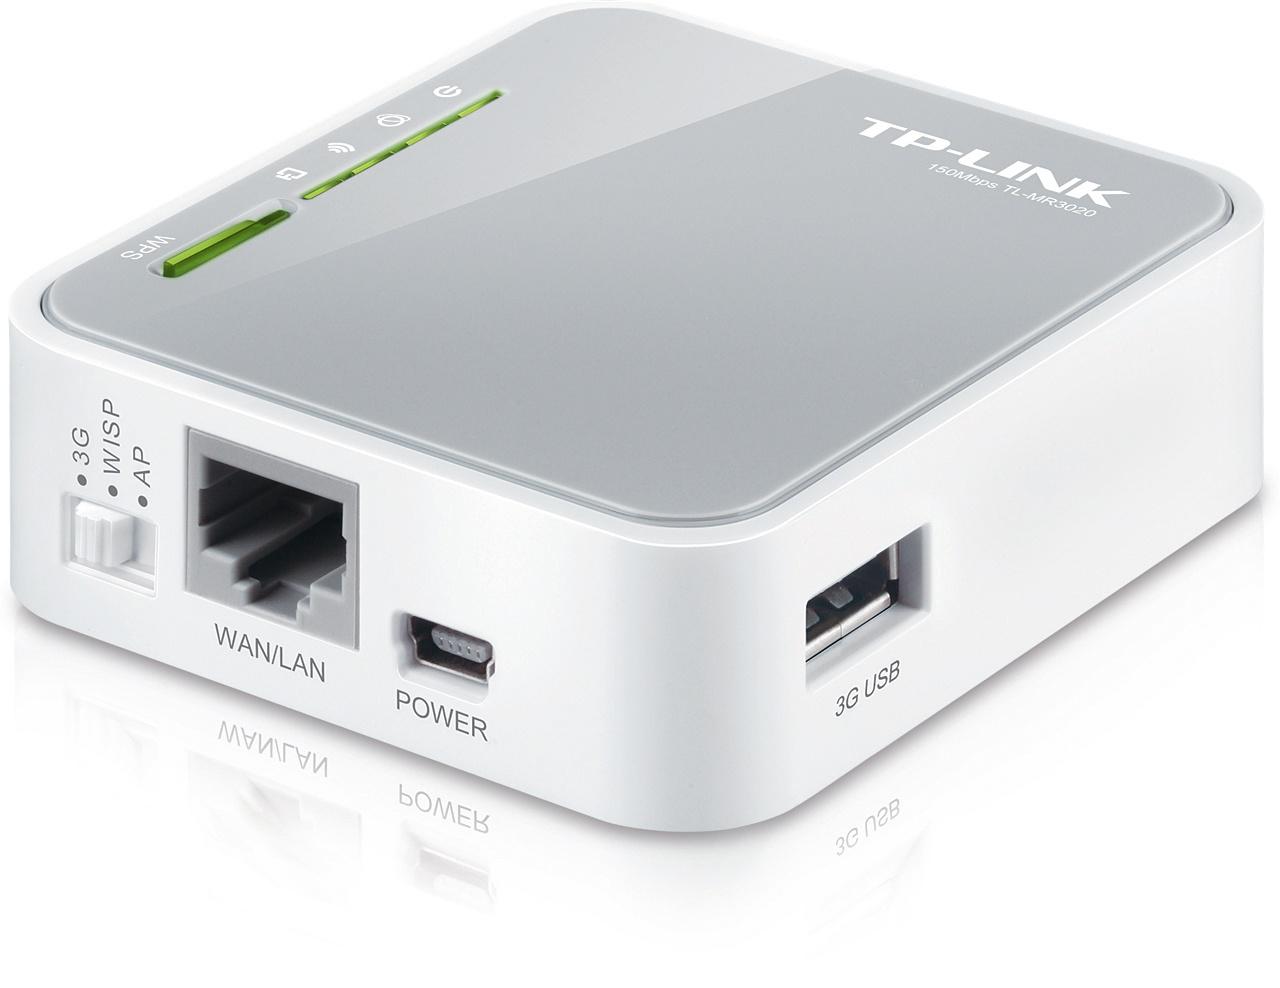 MZK-MR150 - miniaturowy router 3G od Planex